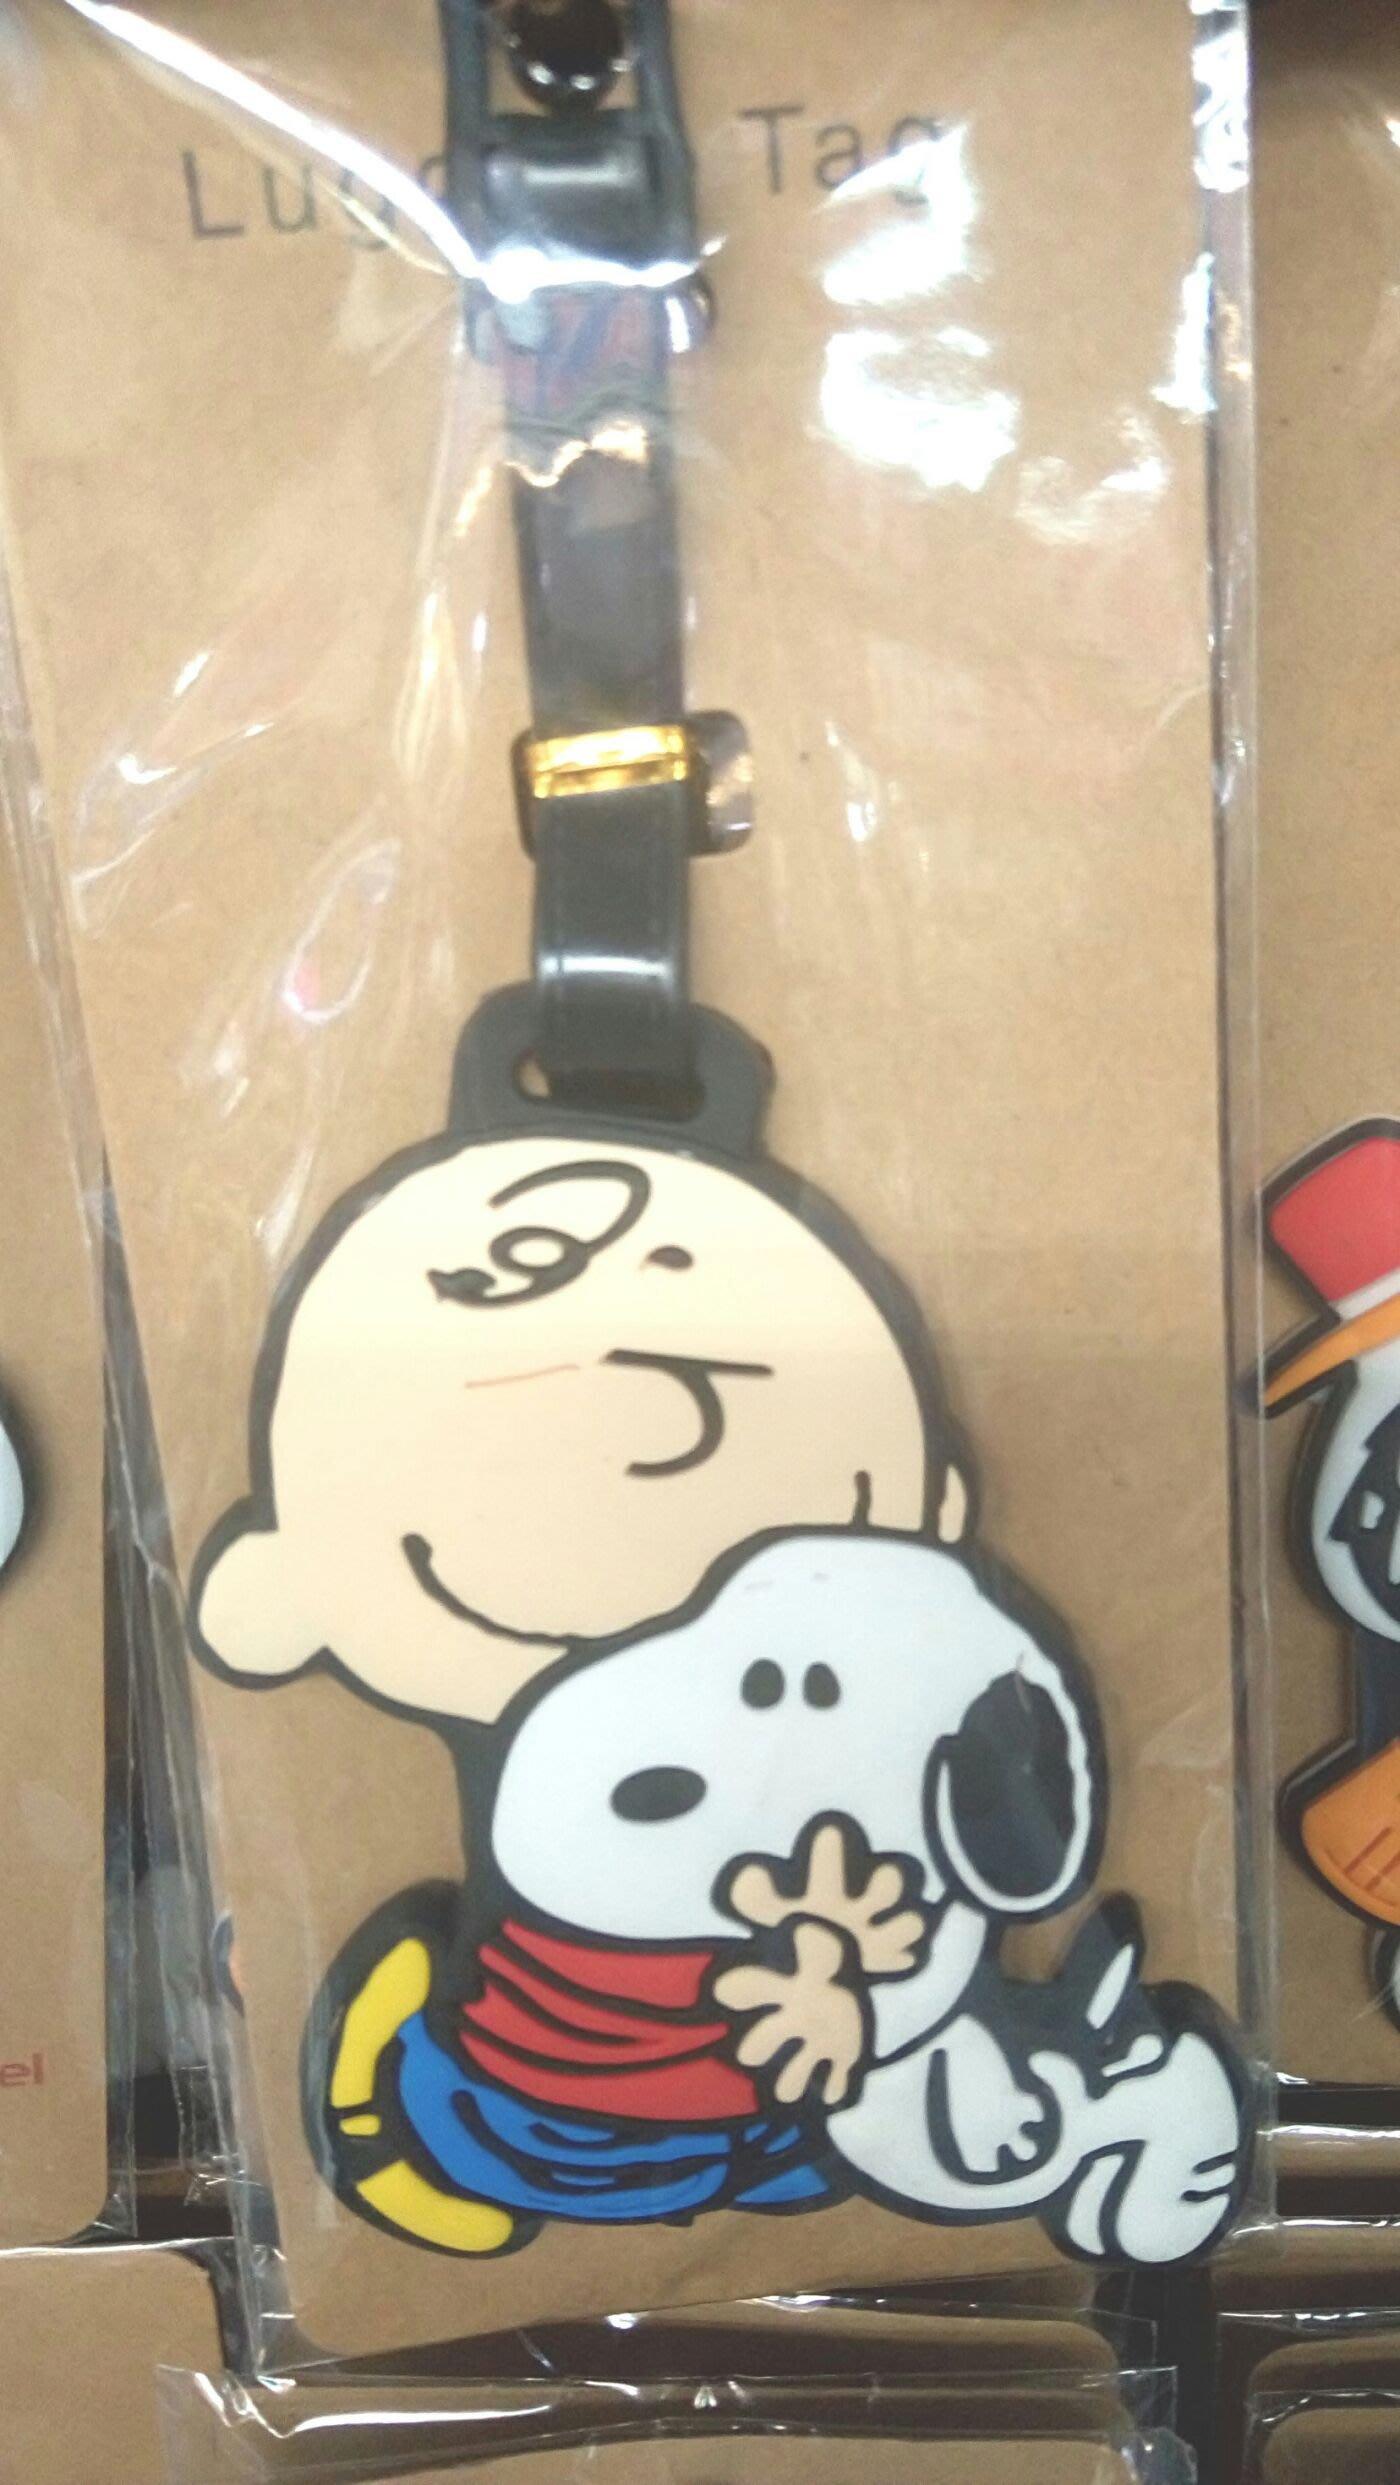 行李吊牌- 查理布朗 史努比 Snoopy luggageTag 名牌套 行李箱 書包 識別 掛牌 吊飾 紀念品